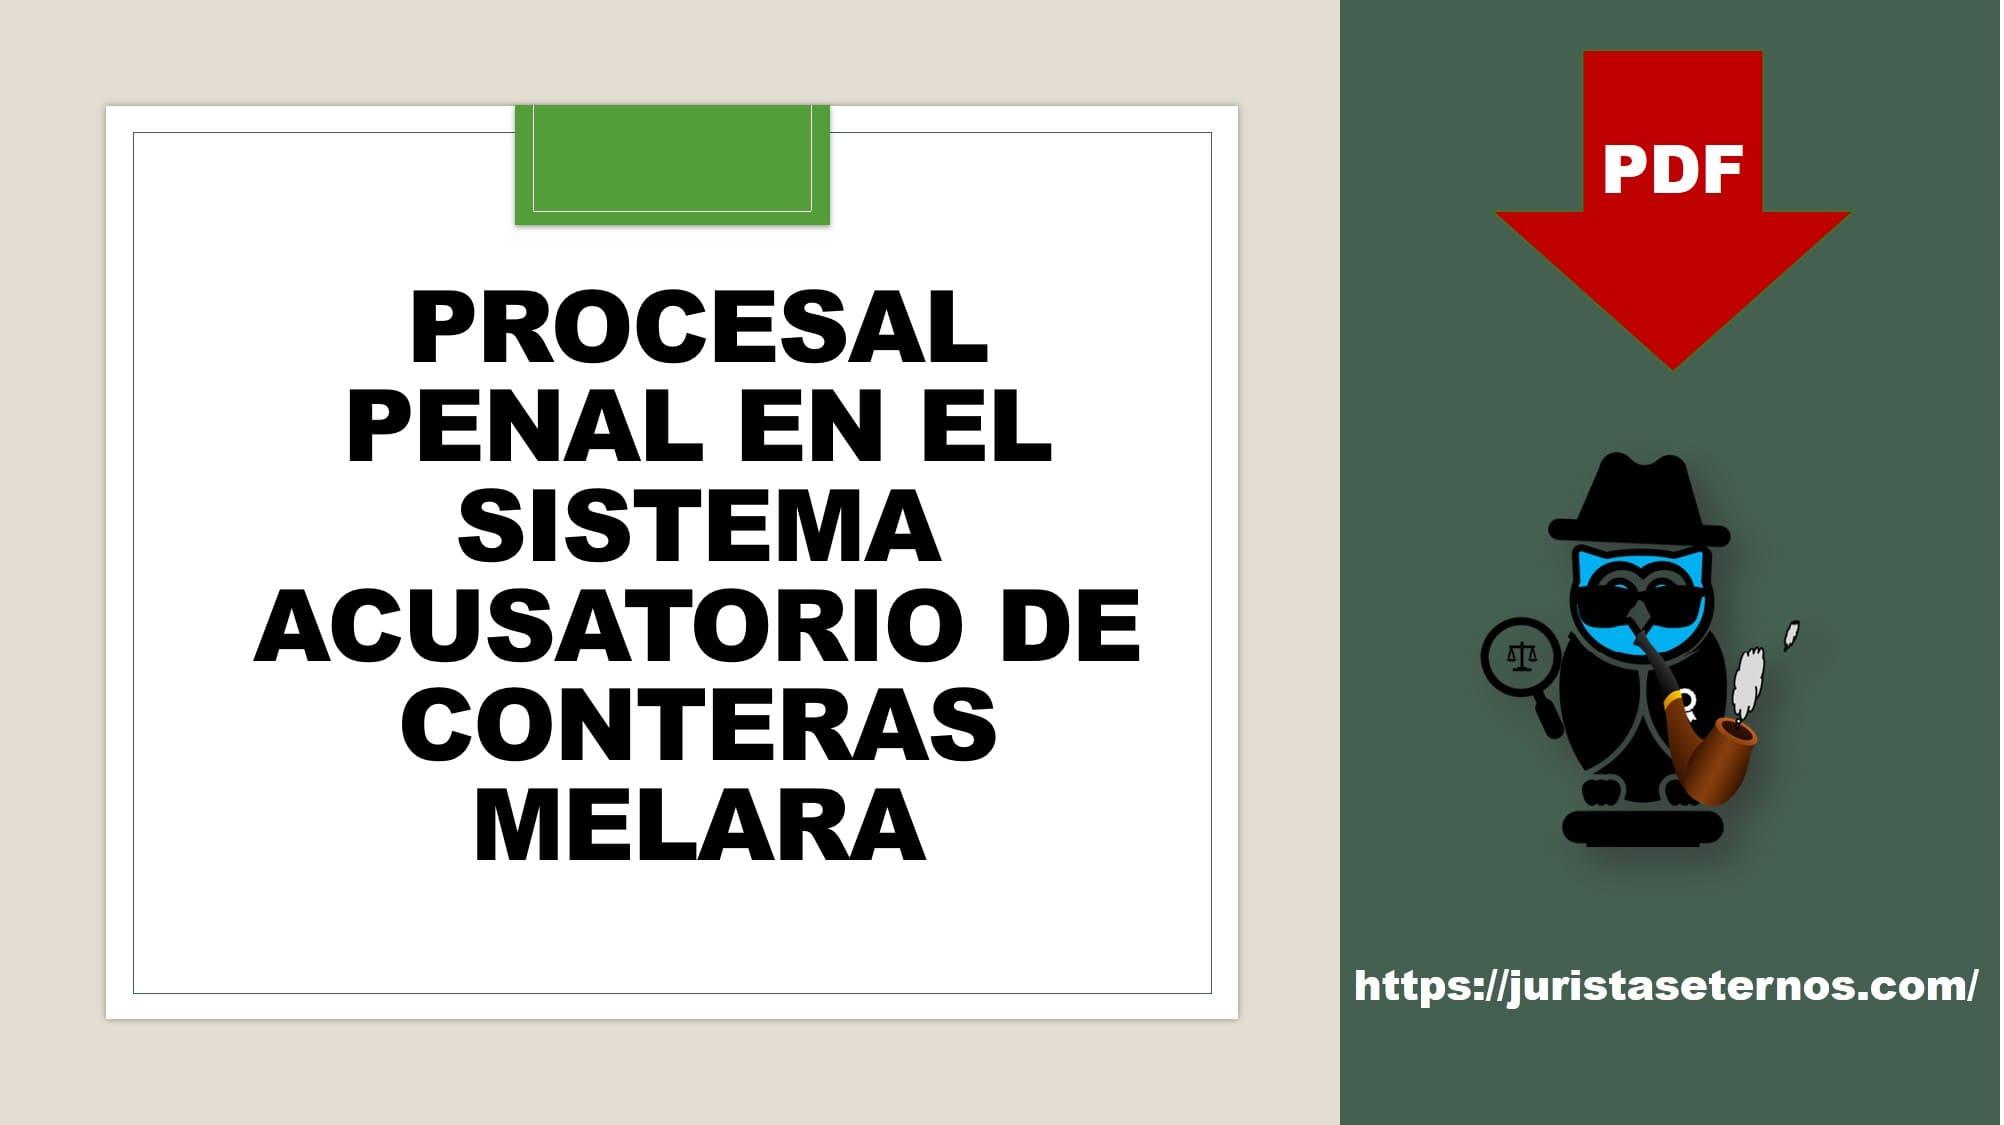 derecho procesal penal en el sistema acusatorio pdf